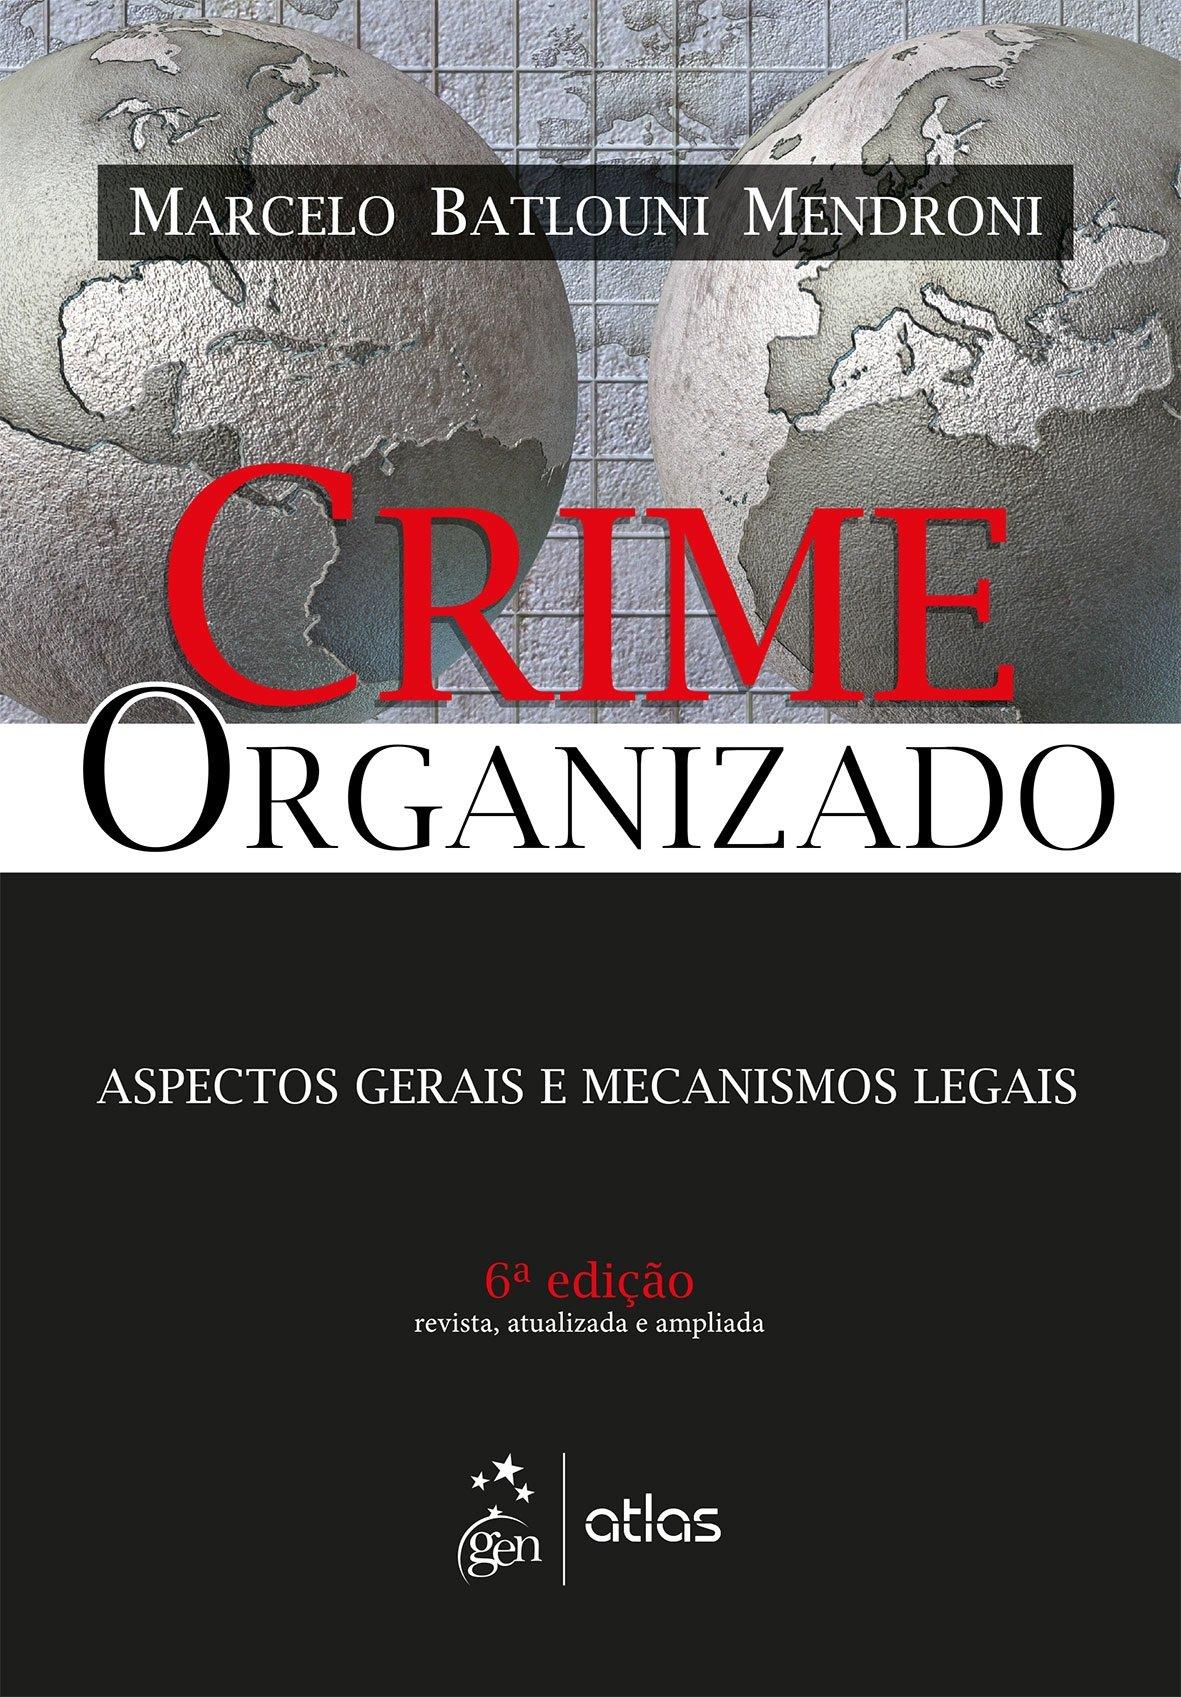 Crime Organizado: Aspectos Gerais e Mecanismos Legais PDF Text fb2 ebook